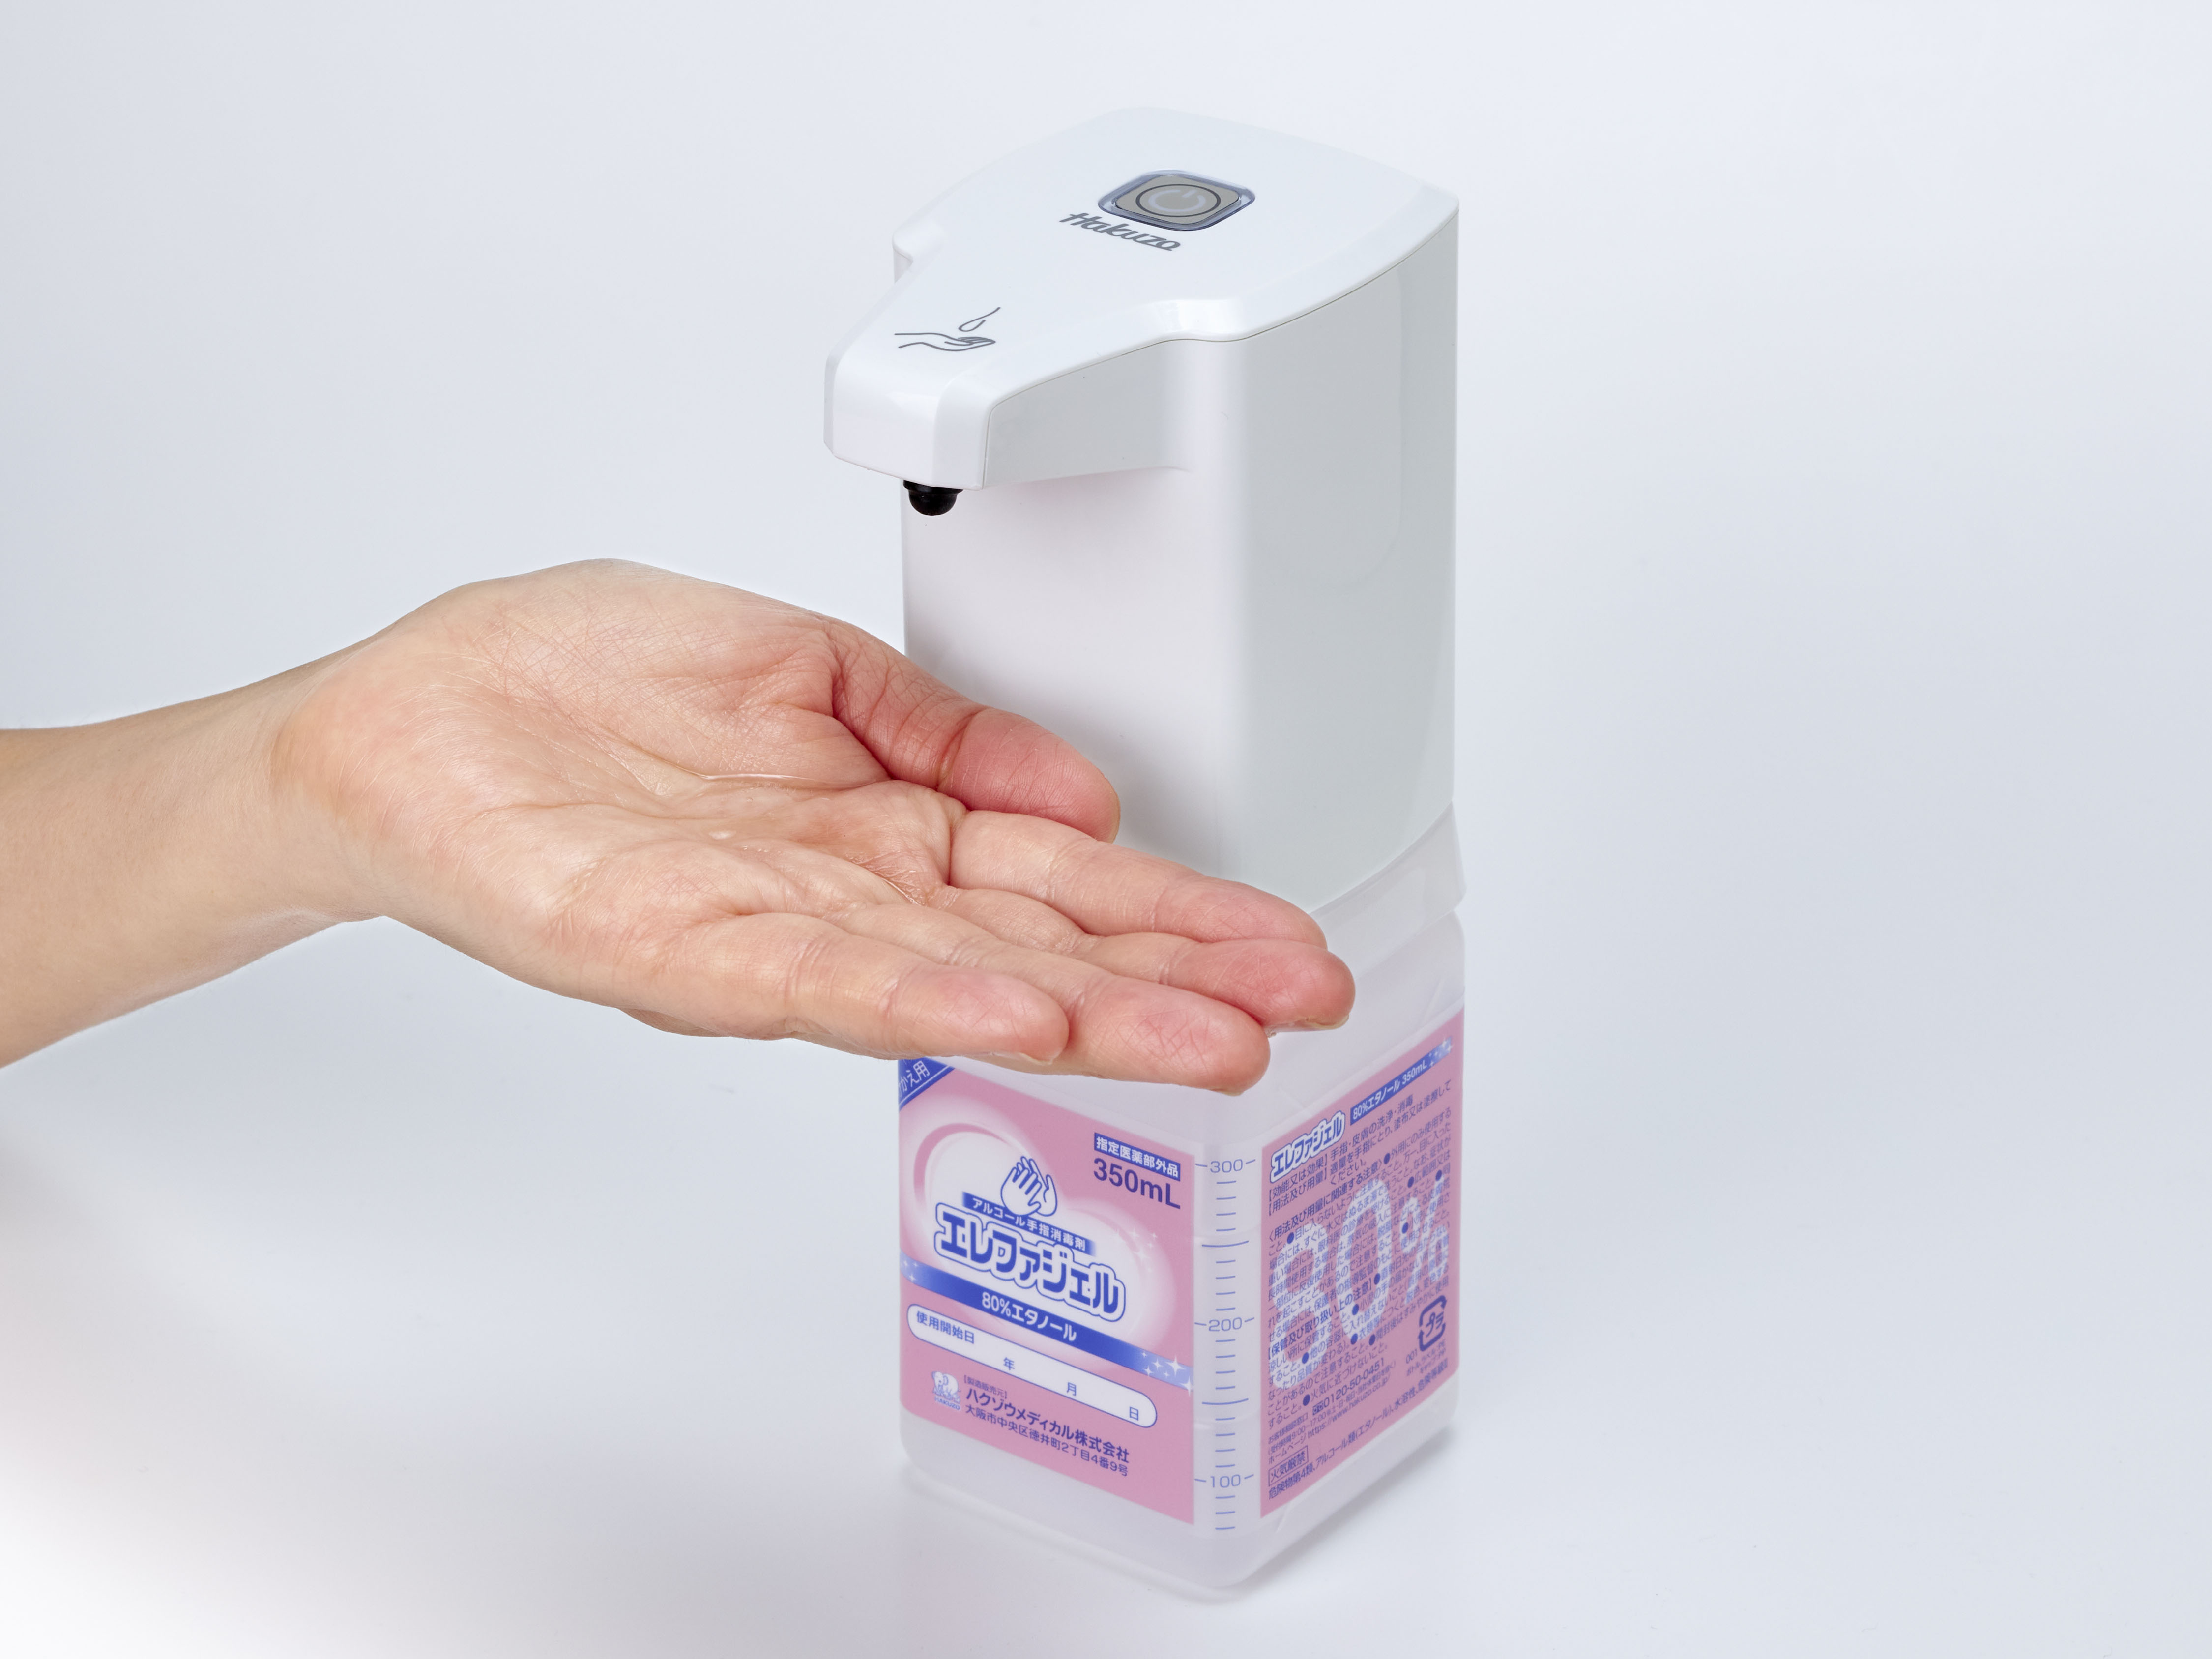 手指衛生関連製品アルコール手指消毒用ジェルエレファジェル